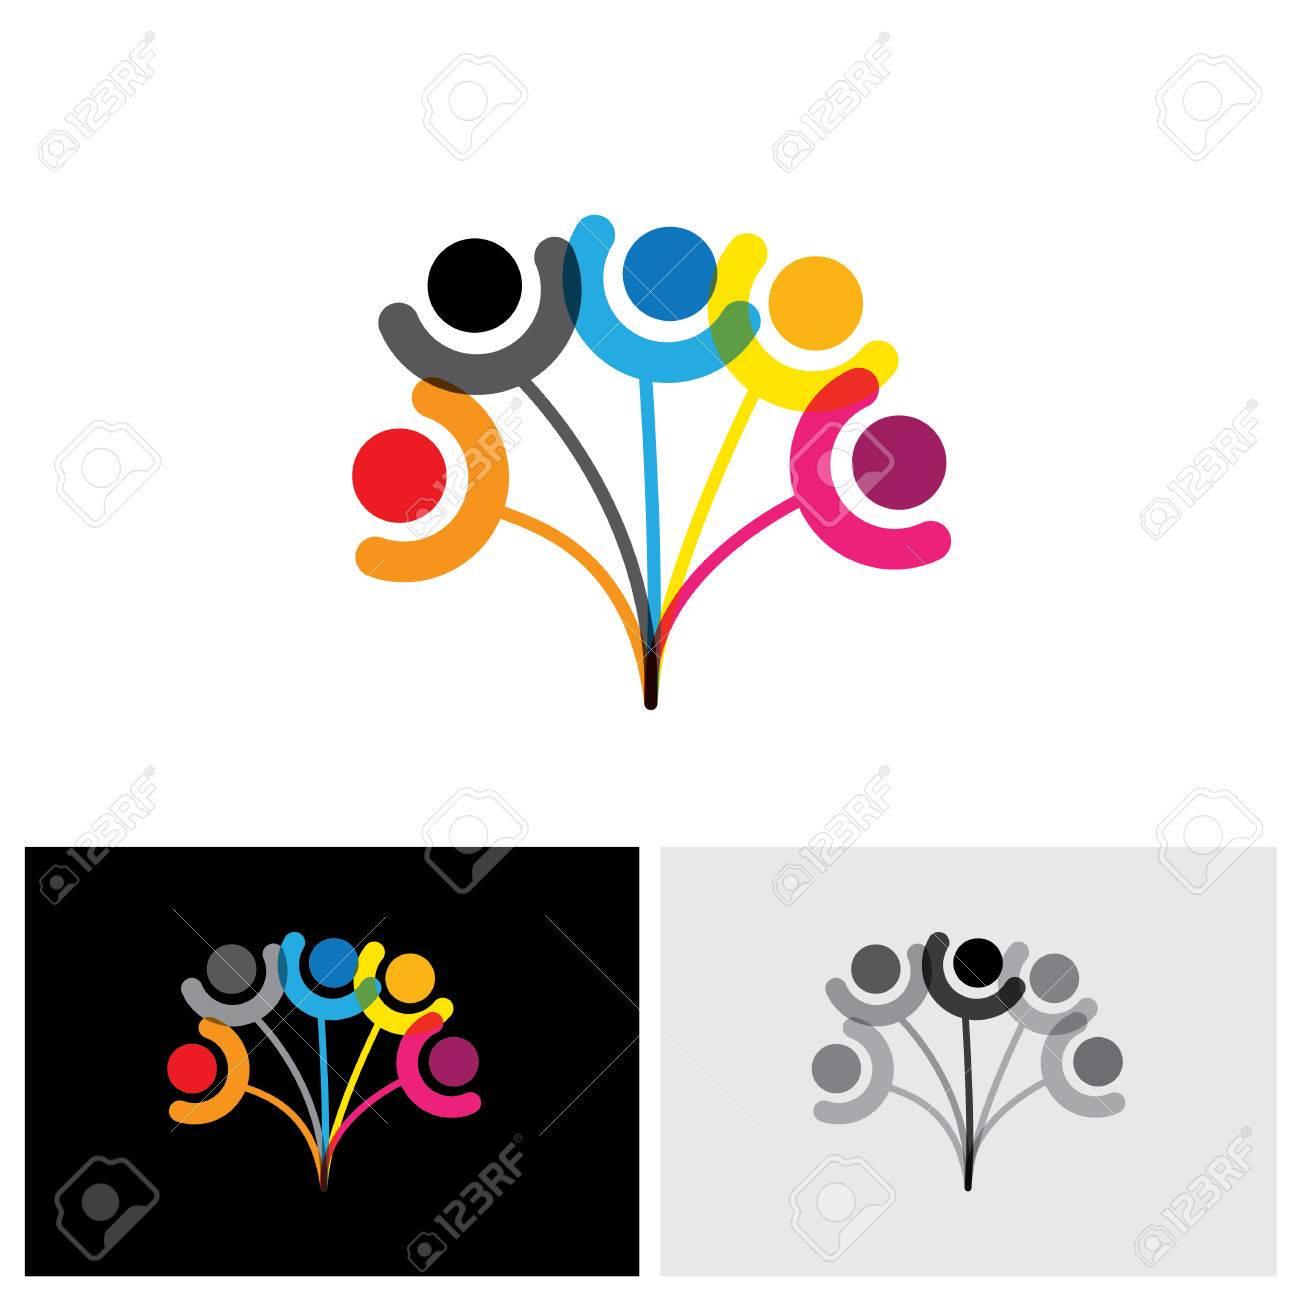 Konzept Vektor Symbol Der Familie Baum Zeigt Bindung Beziehung